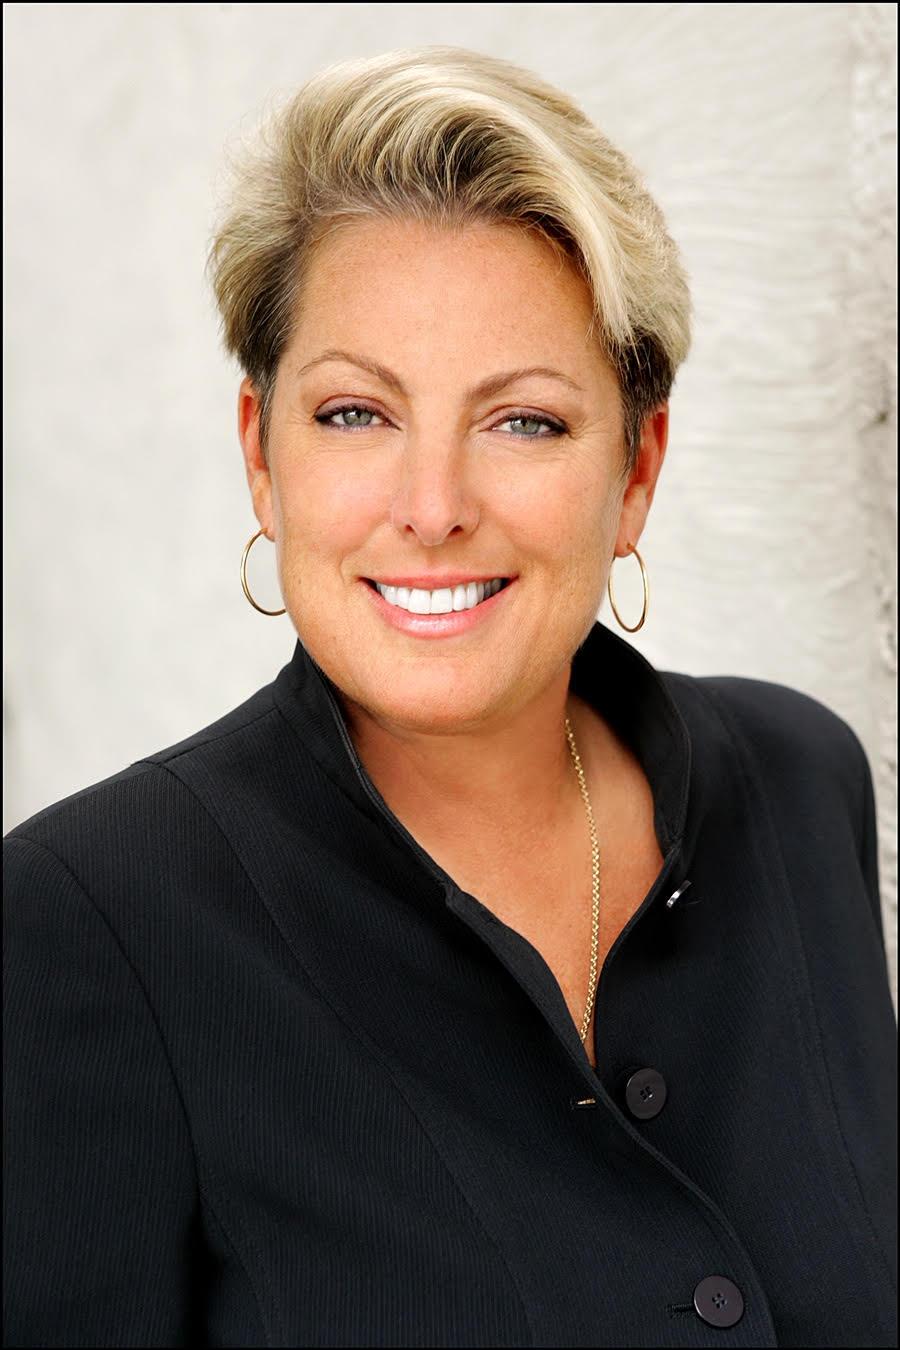 Dina Dwyer-Owens - Board Member